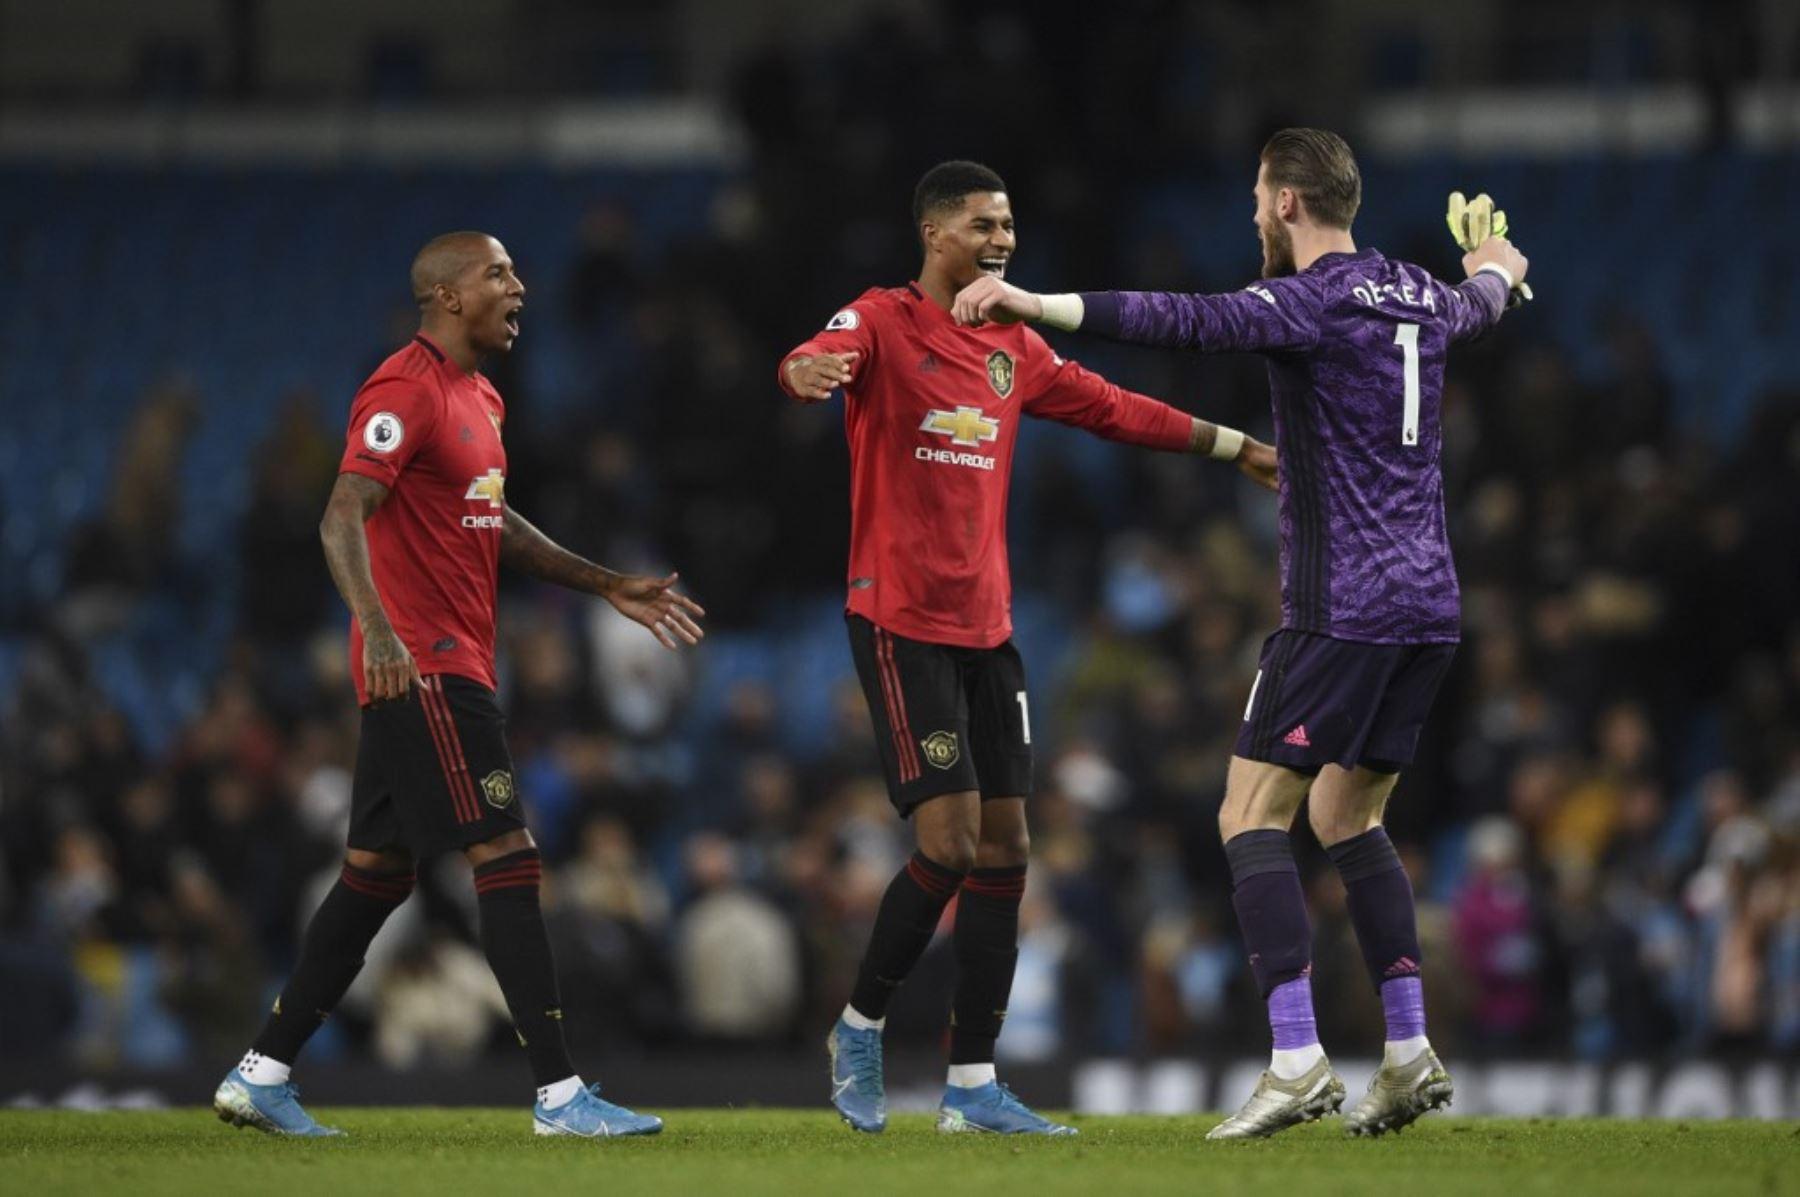 En el partido que enfrento a los Manchester hubo escenas descalificadoras en las tribunas